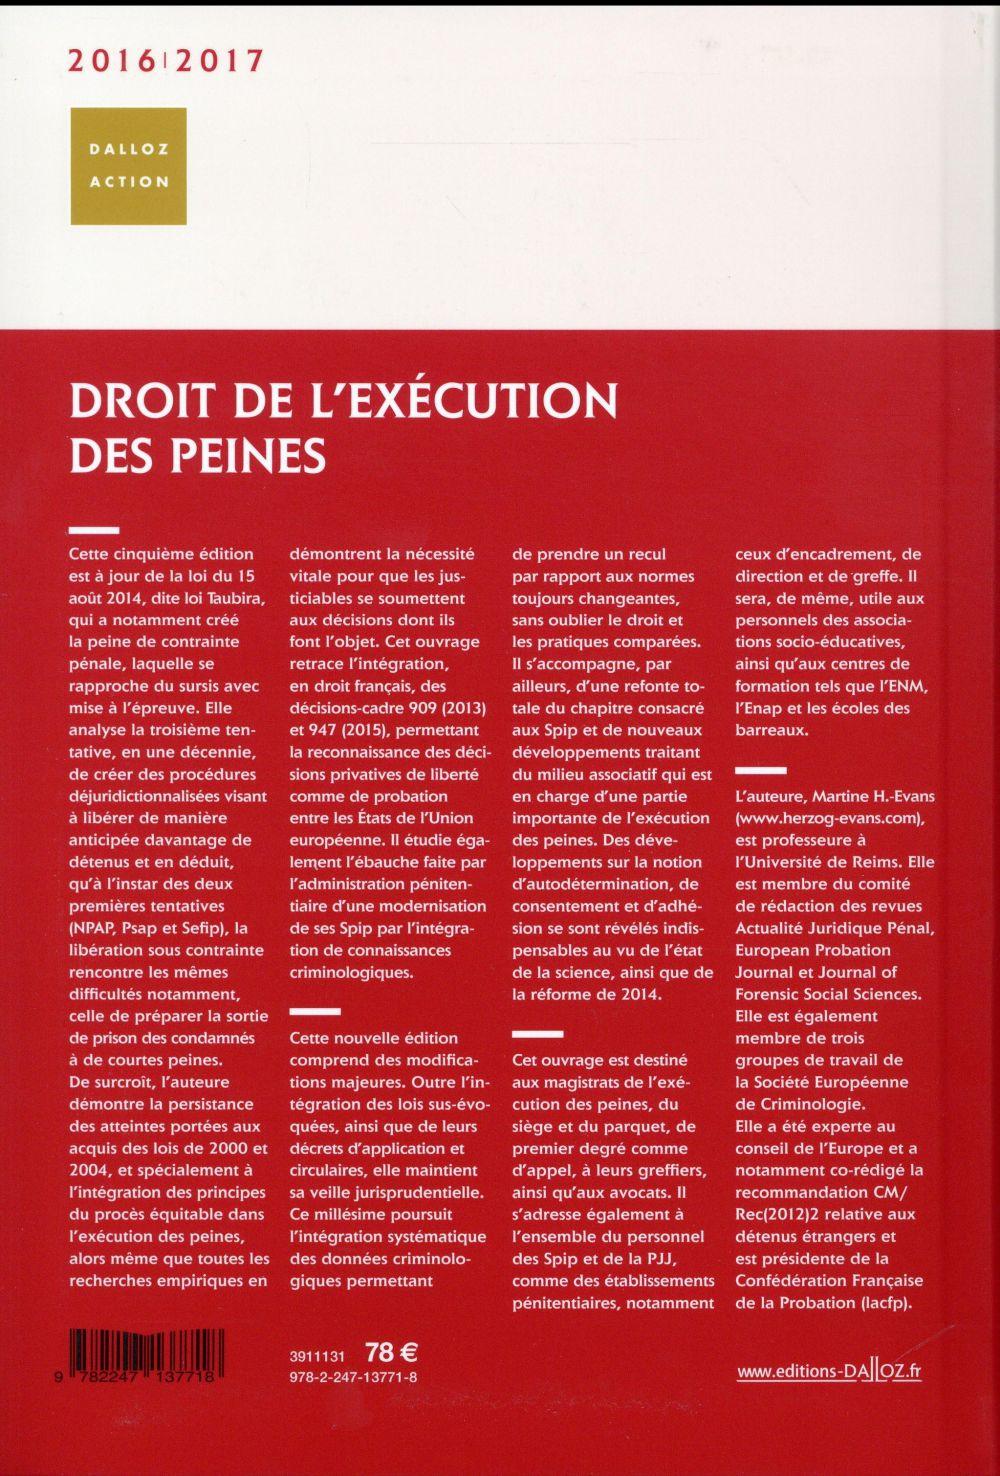 Droit de l'exécution des peines (édition 2016/2017)